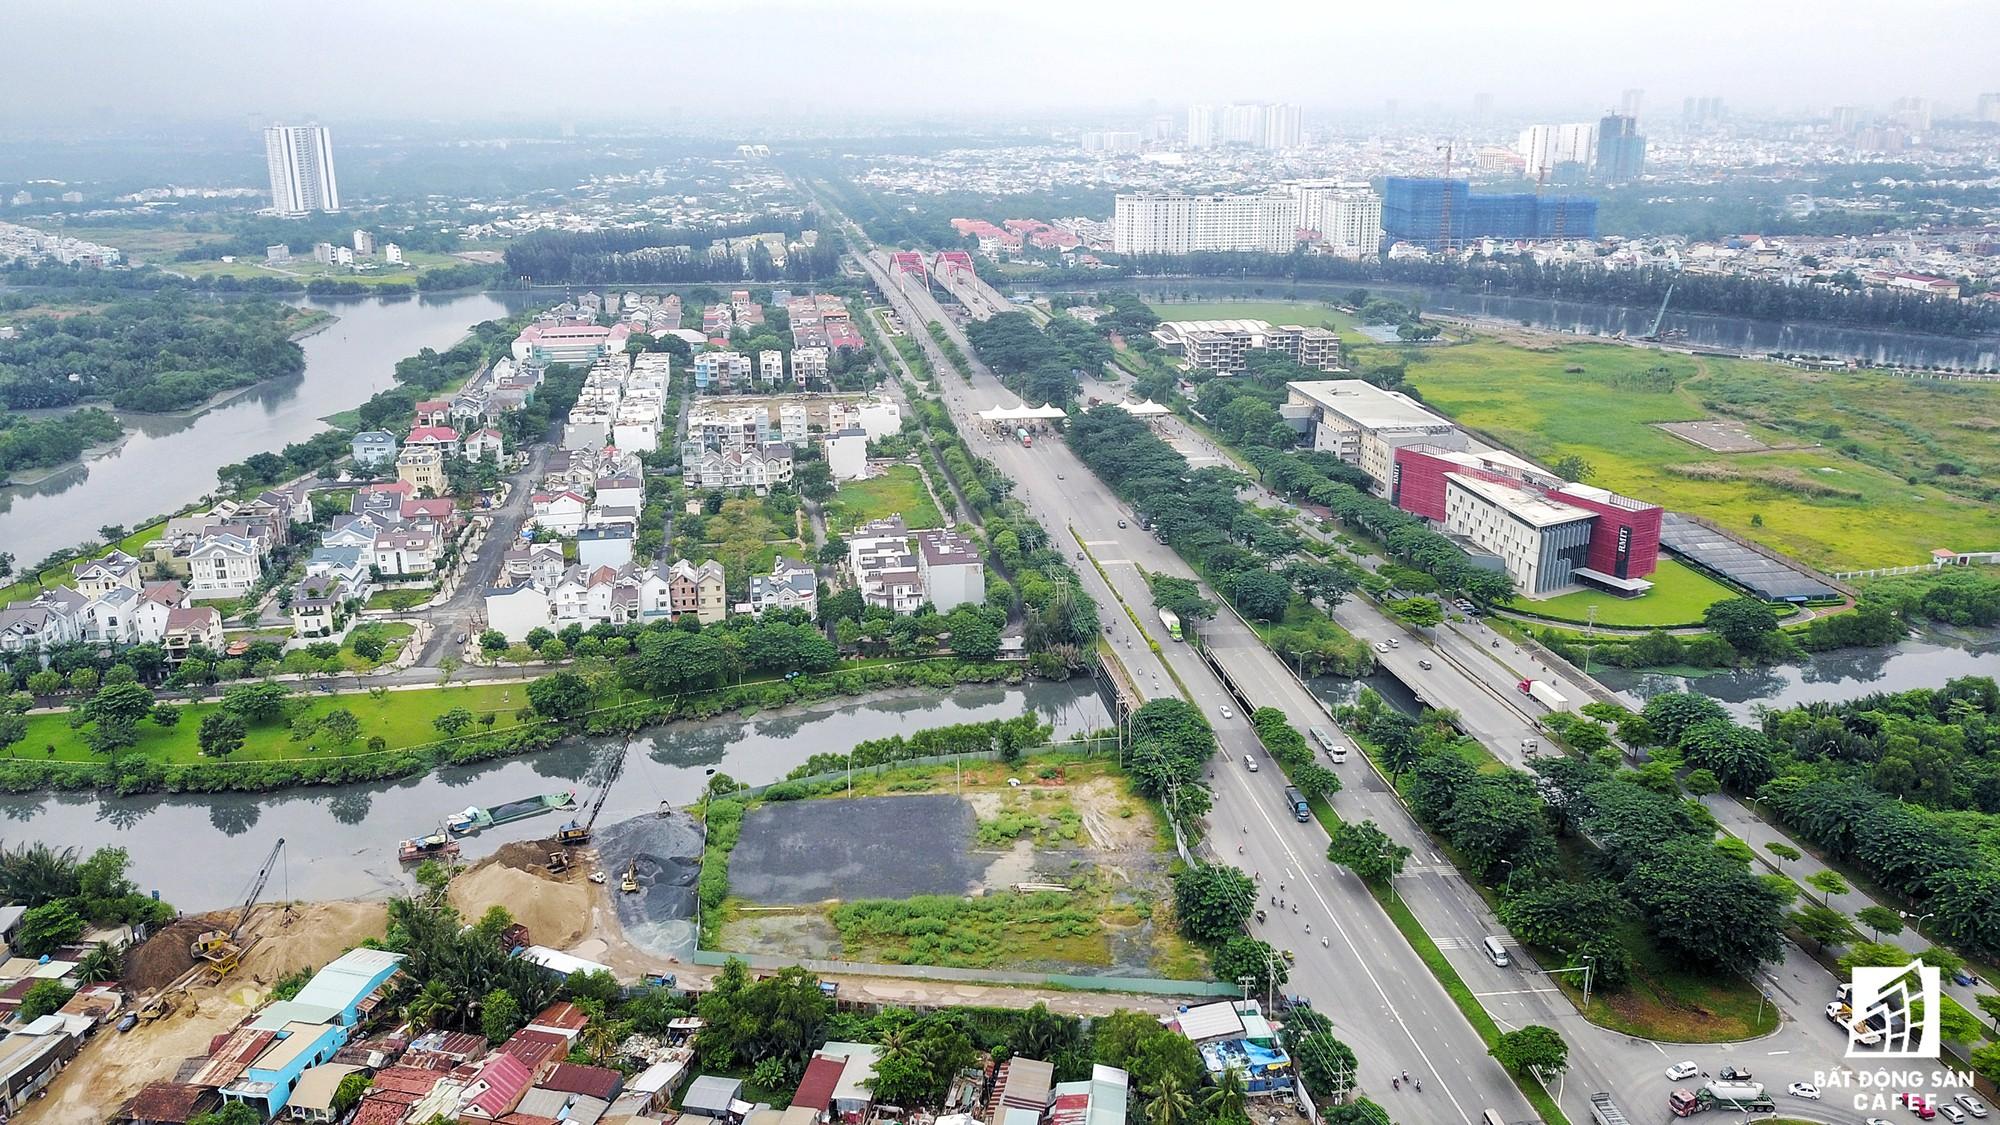 Toàn cảnh đại lộ tỷ đô đã tạo nên một thị trường bất động sản rất riêng cho khu Nam Sài Gòn - Ảnh 22. Toàn cảnh đại lộ tỷ đô đã tạo nên một thị trường bất động sản rất riêng cho khu Nam Sài Gòn Toàn cảnh đại lộ tỷ đô đã tạo nên một thị trường bất động sản rất riêng cho khu Nam Sài Gòn hinh 33 1567220832282610112713